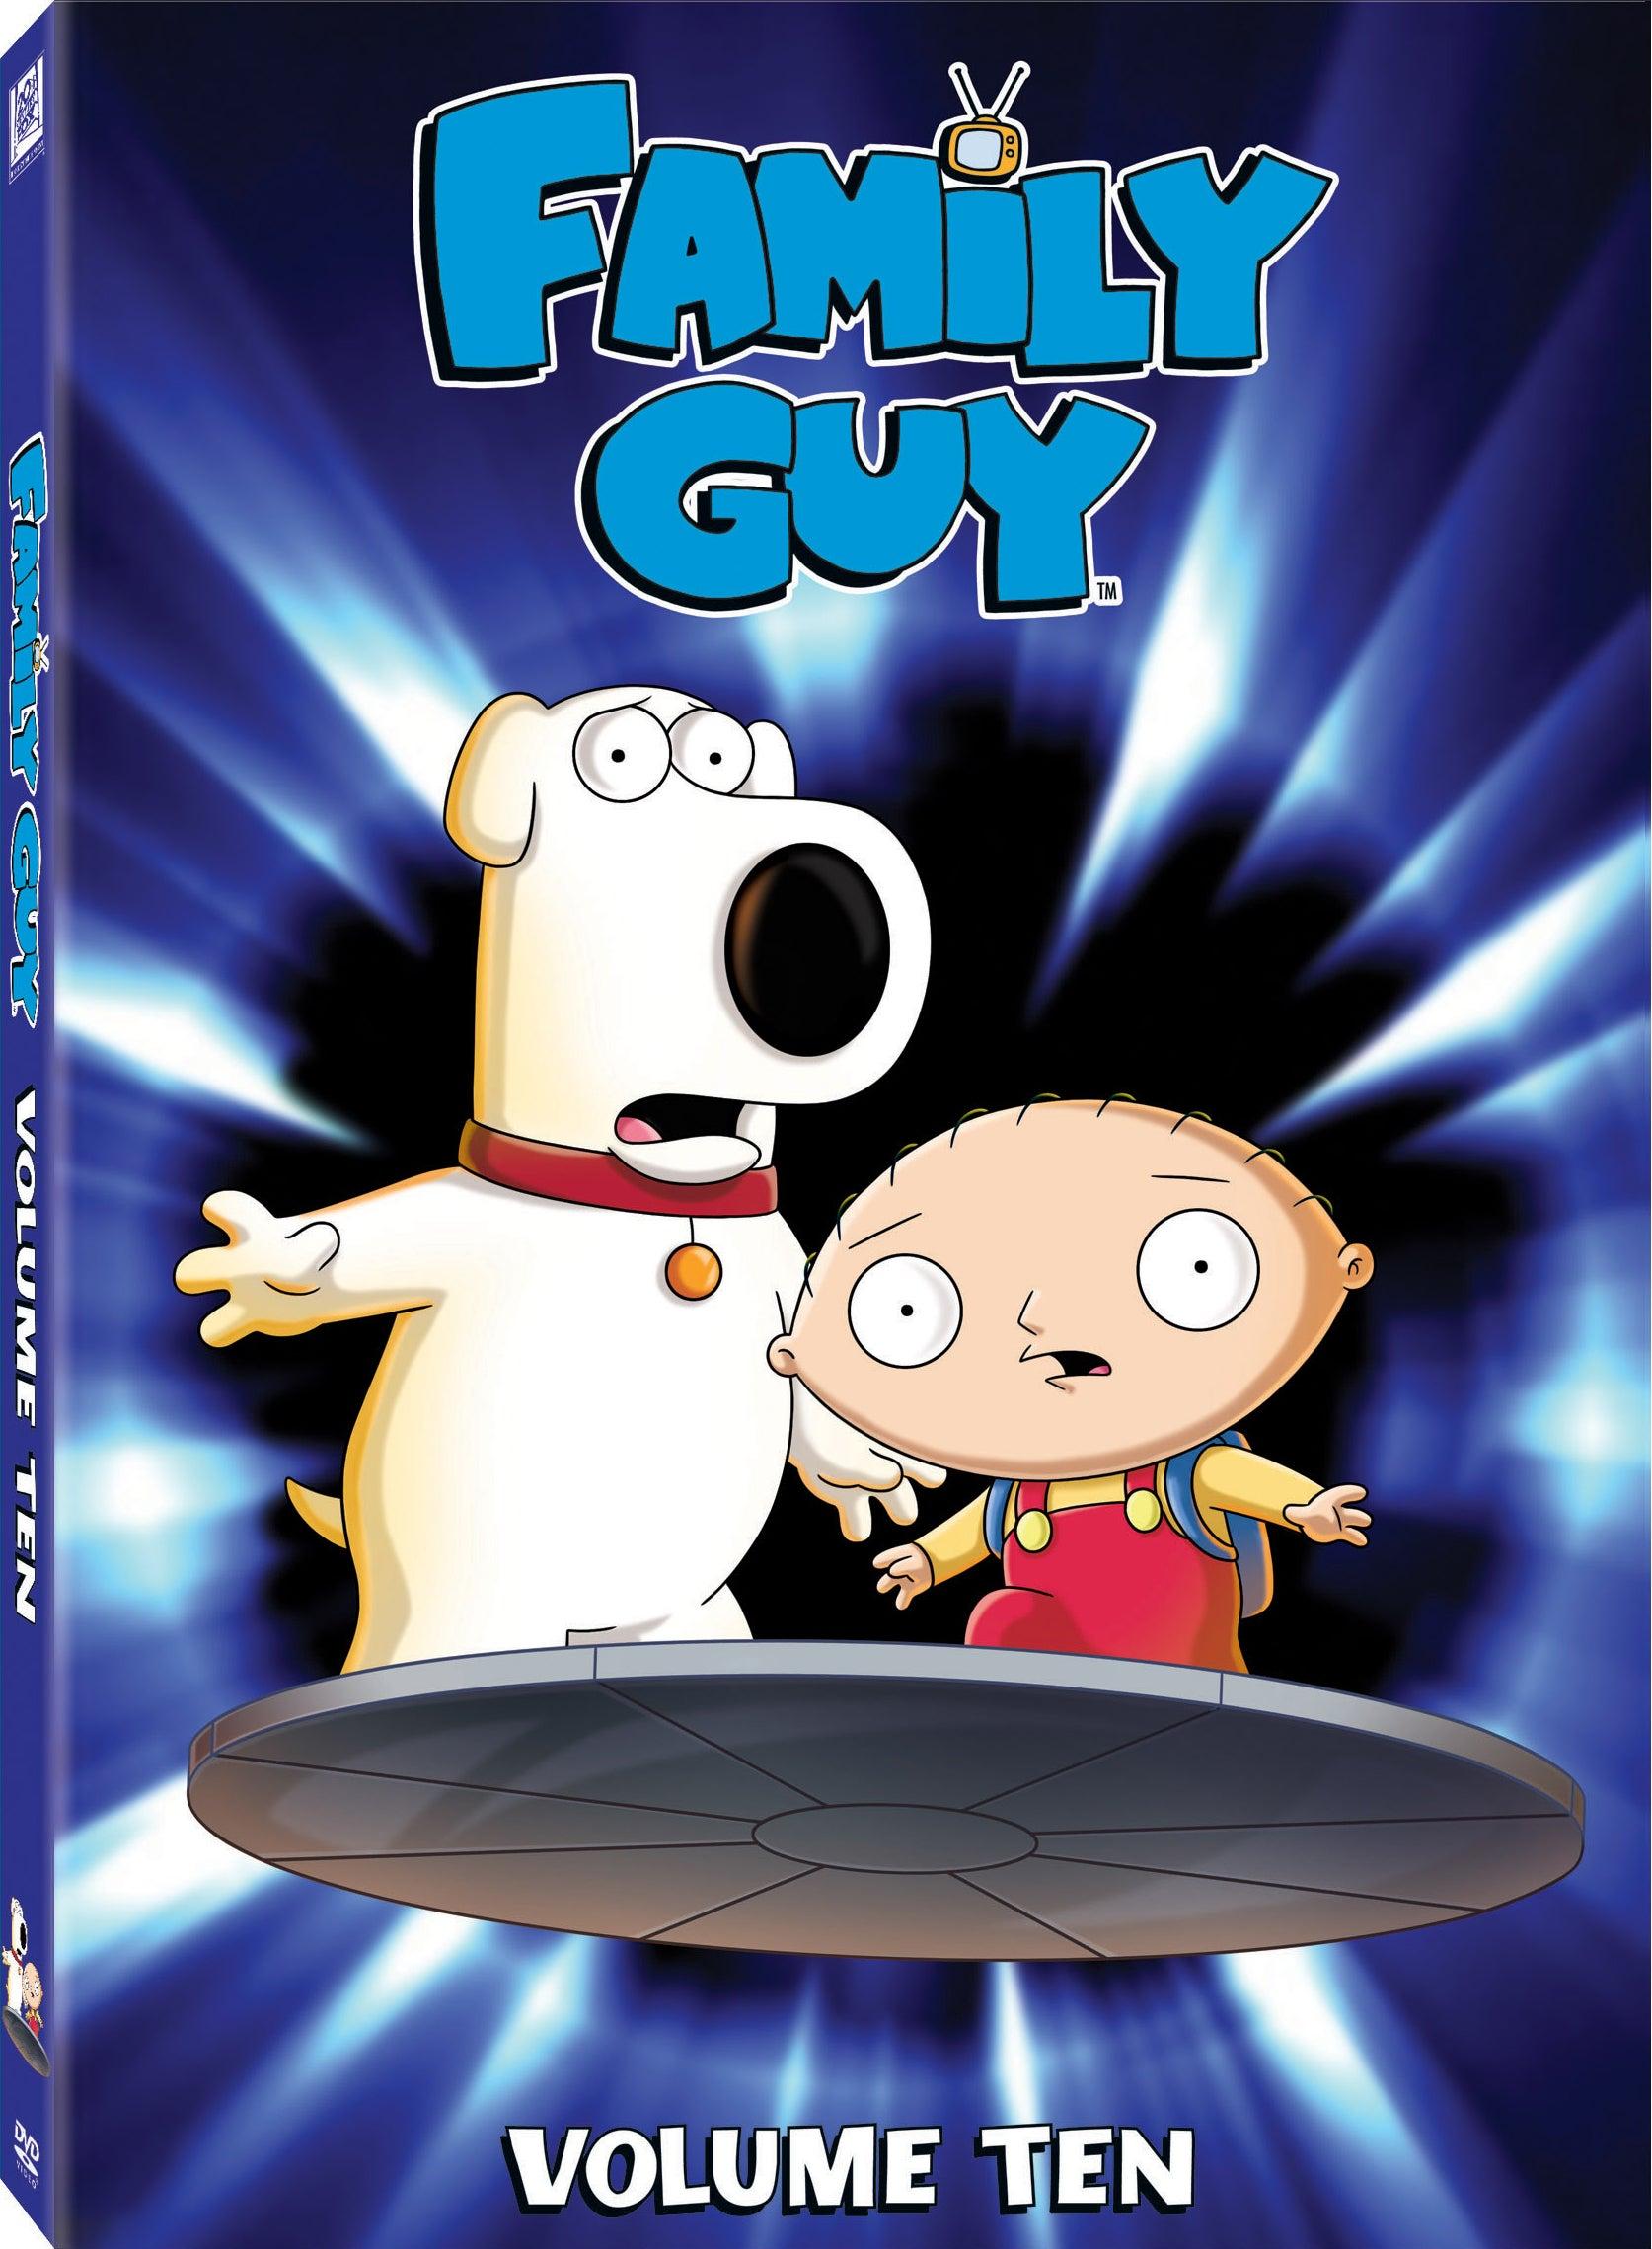 Volume 5 Guy Family Dvd